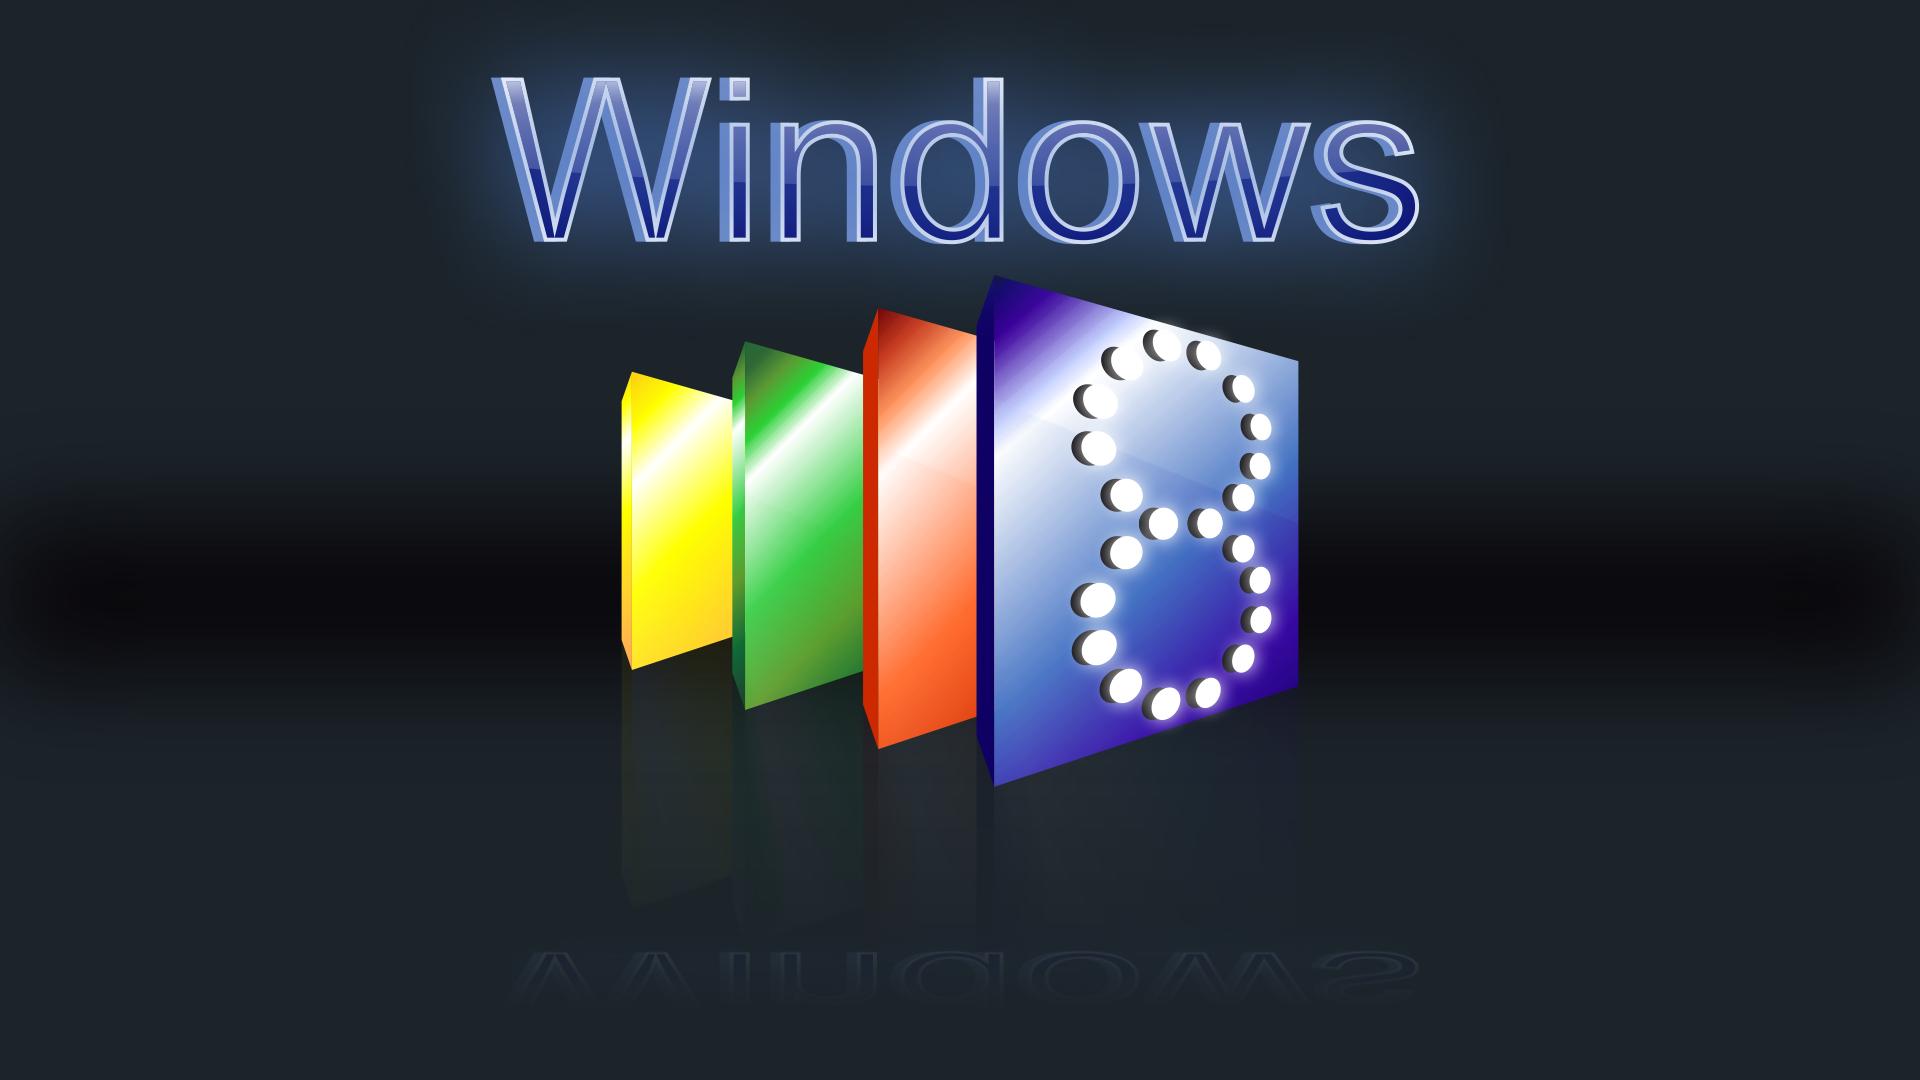 技术 - Windows 8  壁纸